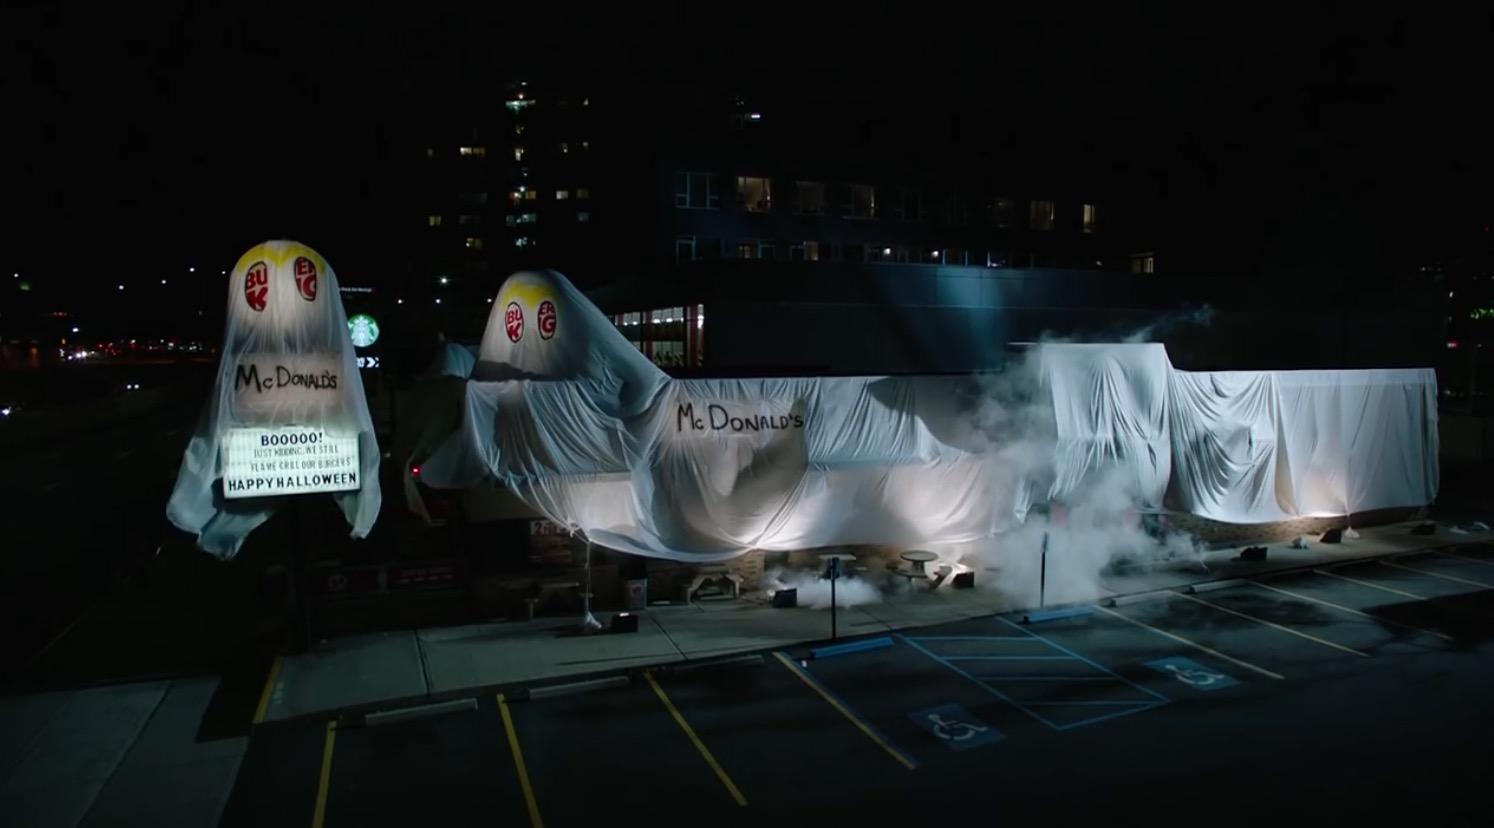 ニューヨークの「バーガーキング」店舗が、ハロウィンで「マクドナルド」コスプレして話題にwwwwwwww